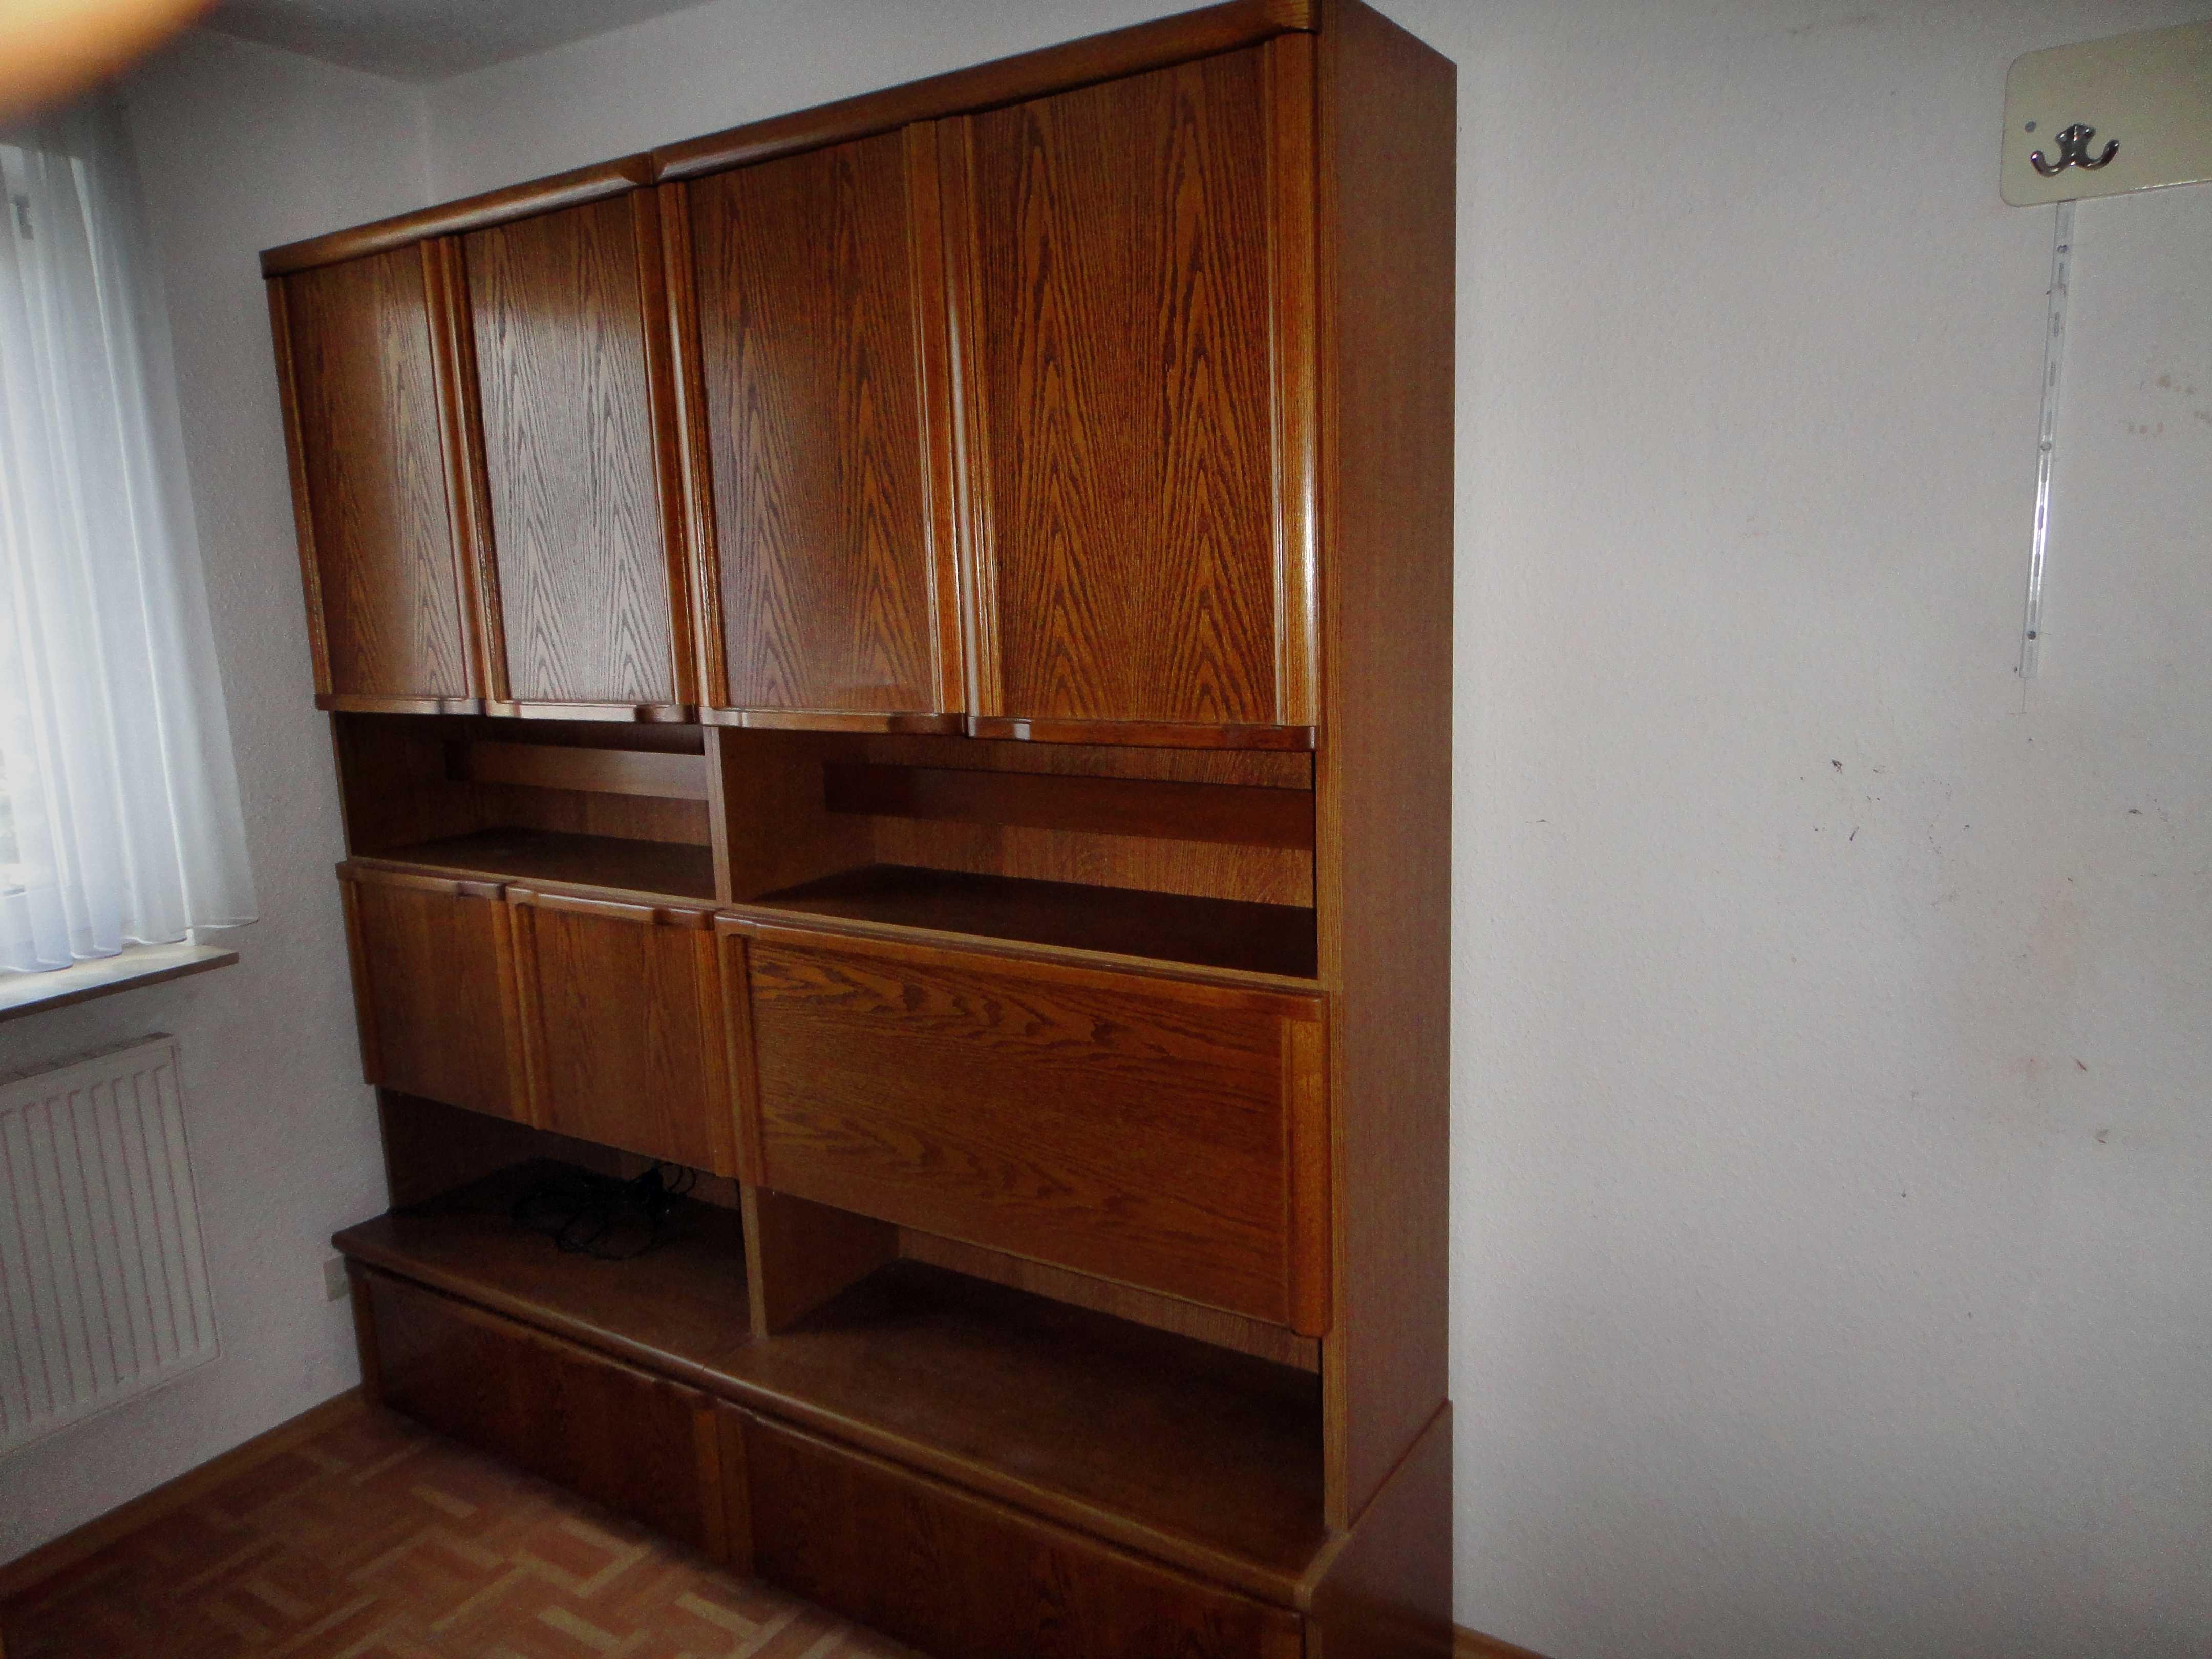 kostenlose wohnzimmerschrank kleinanzeigen. Black Bedroom Furniture Sets. Home Design Ideas